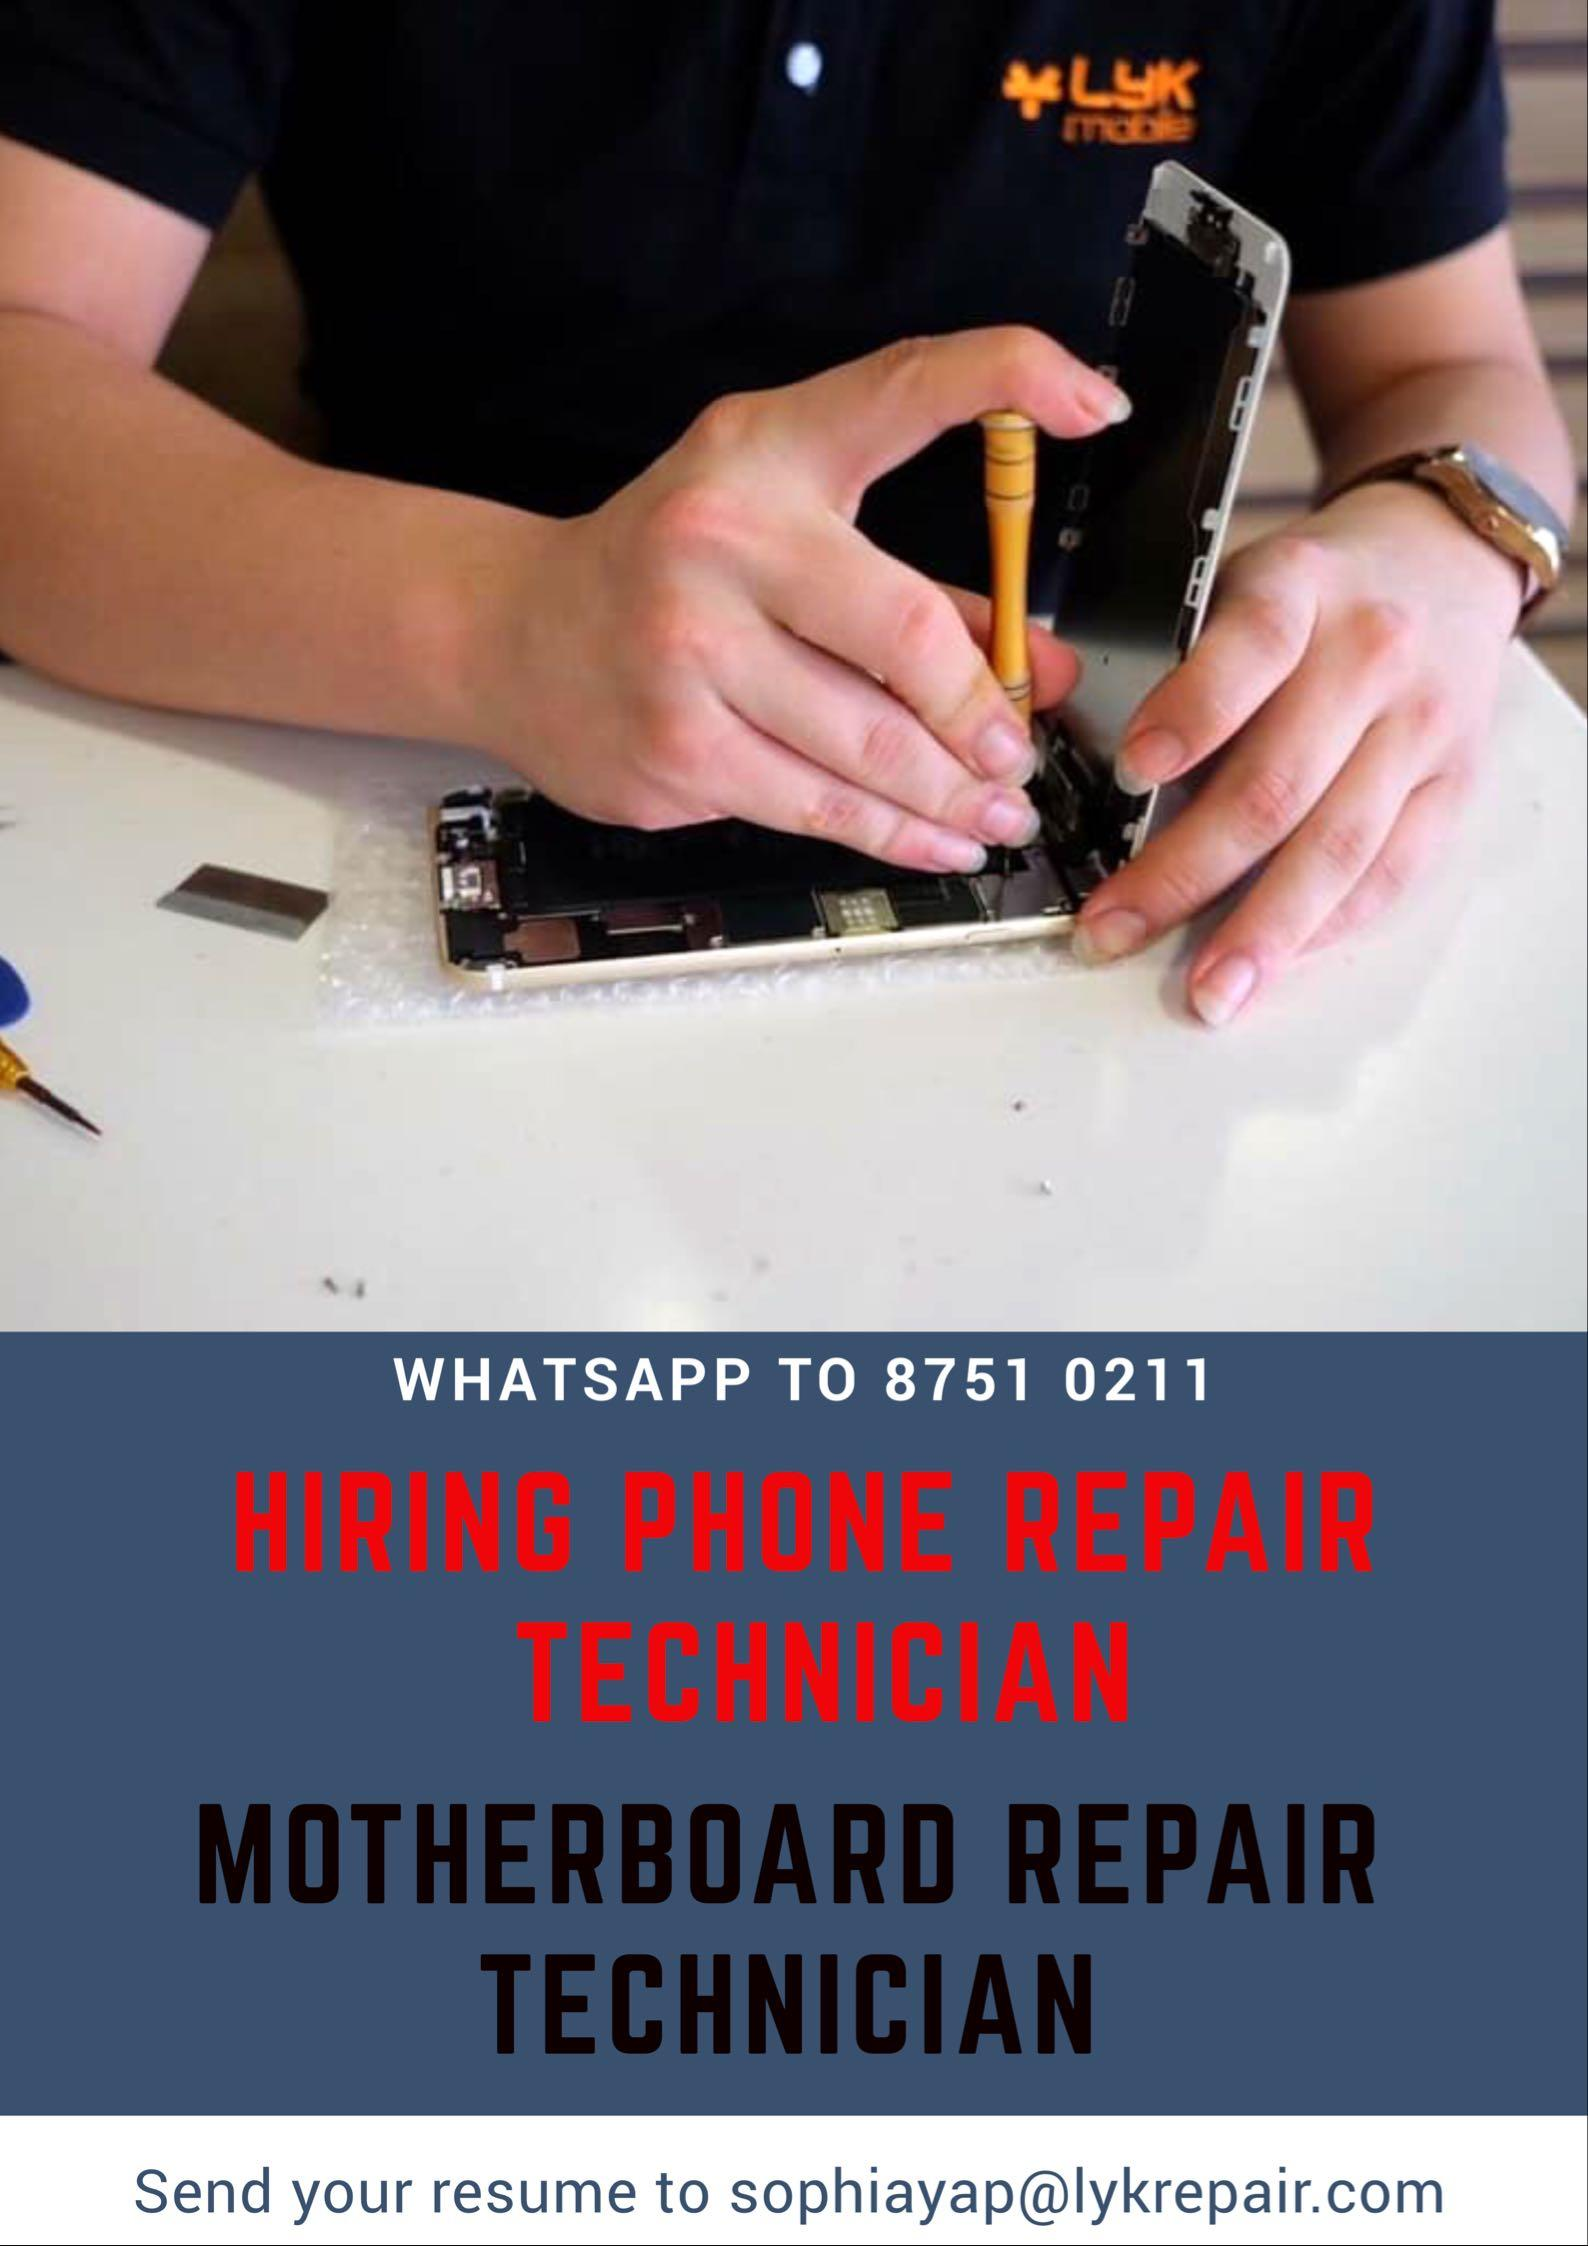 Hiring Phone Repair Technician, Motherboard Technician